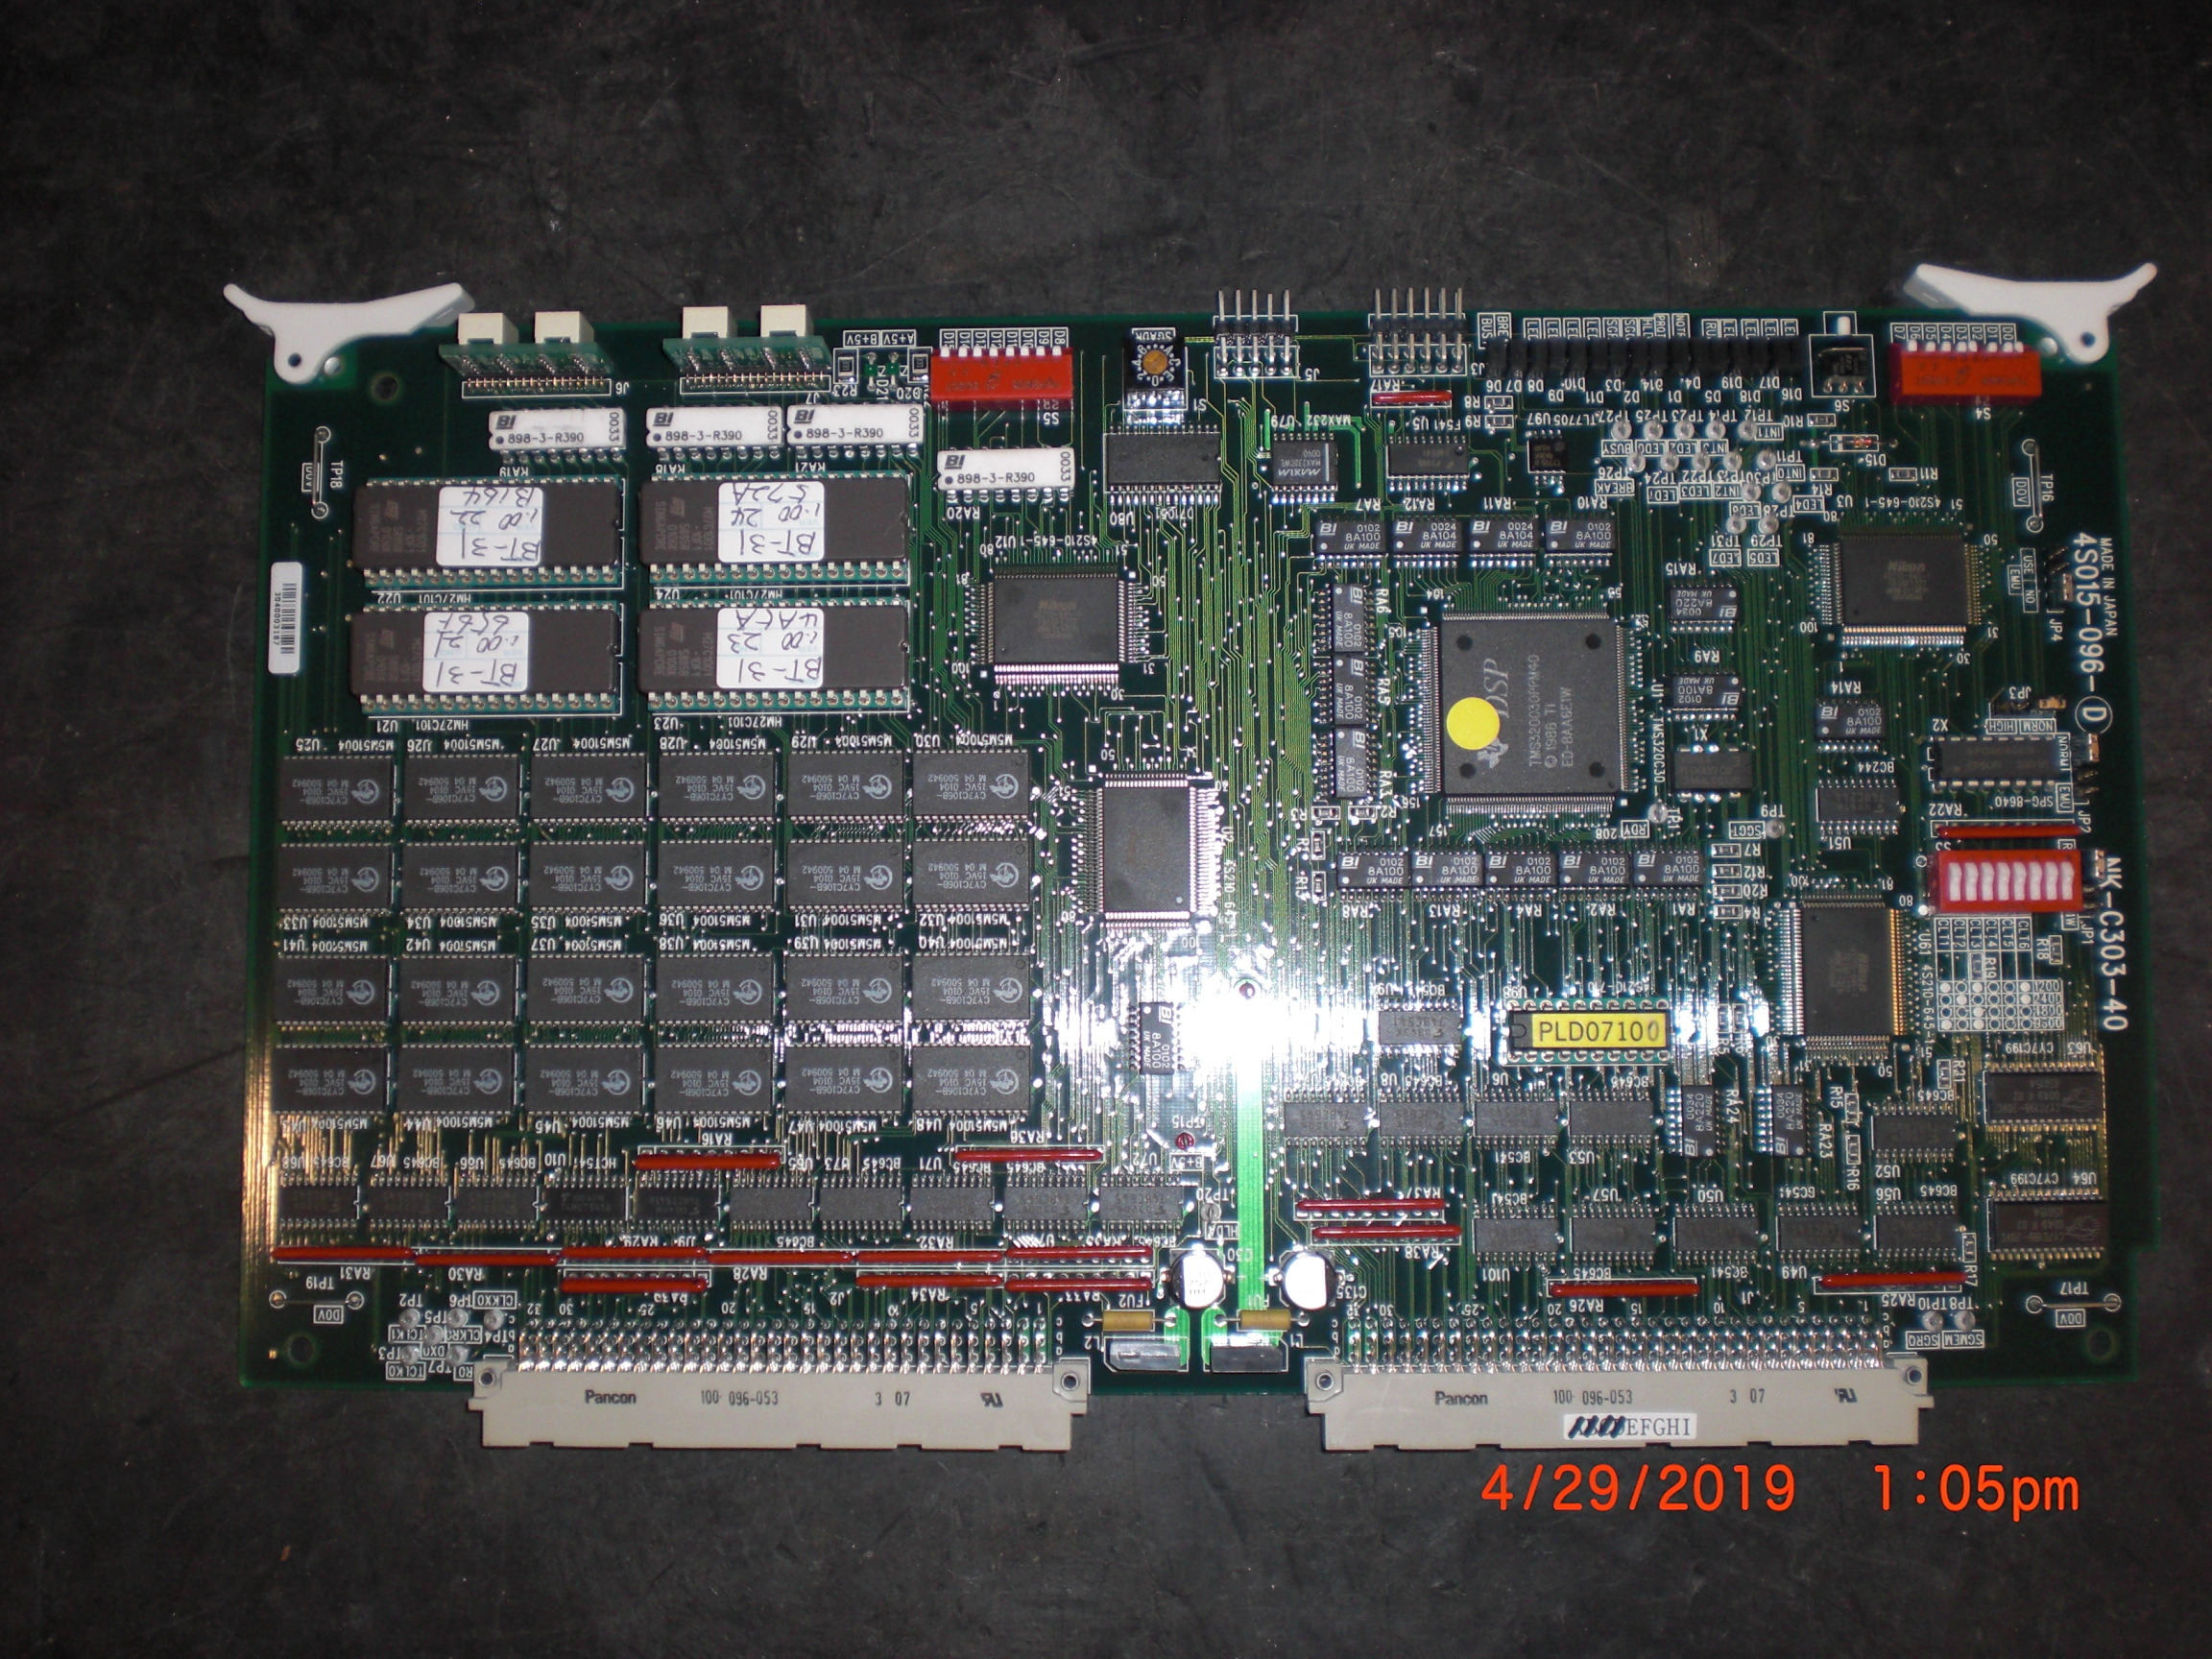 PCB NIKON NK-C303-40 4S015-096-D Processor